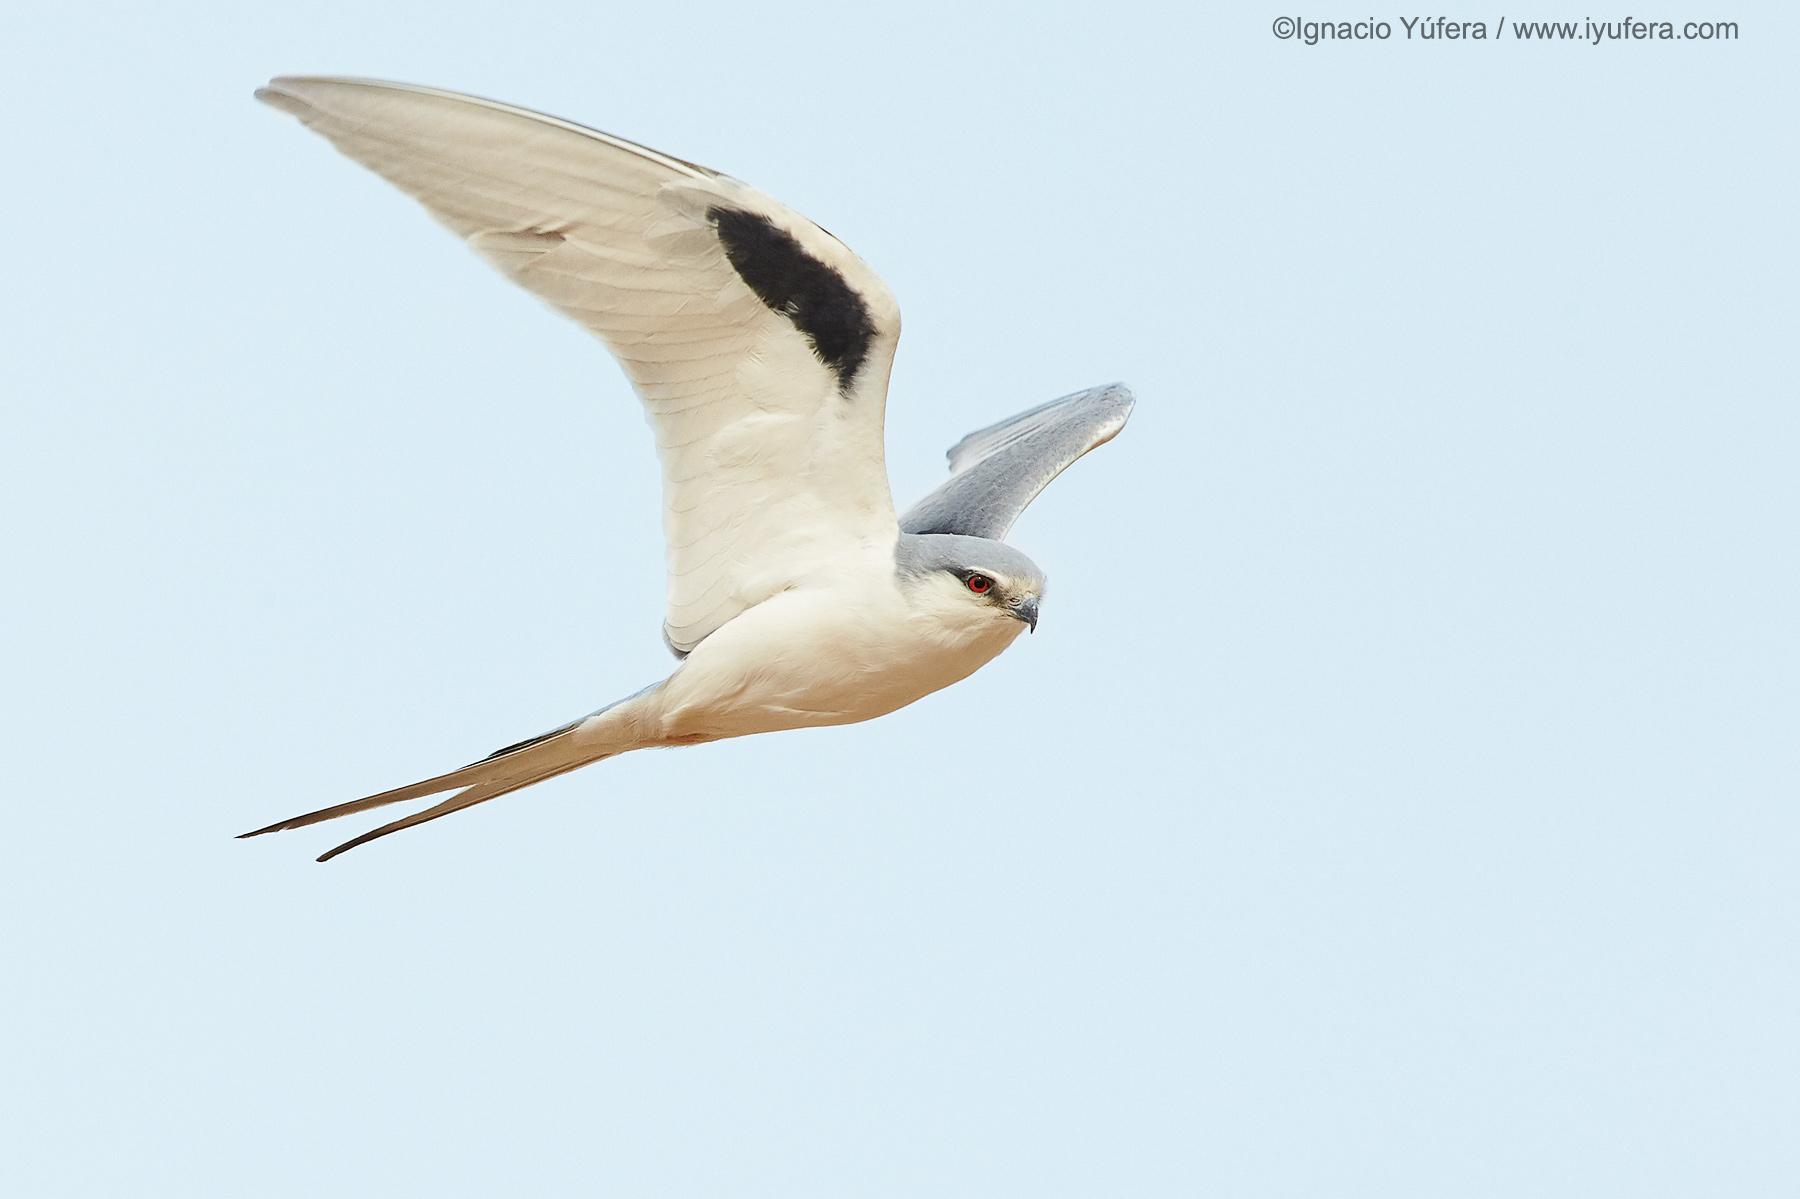 Scissor-tailed-kite-2